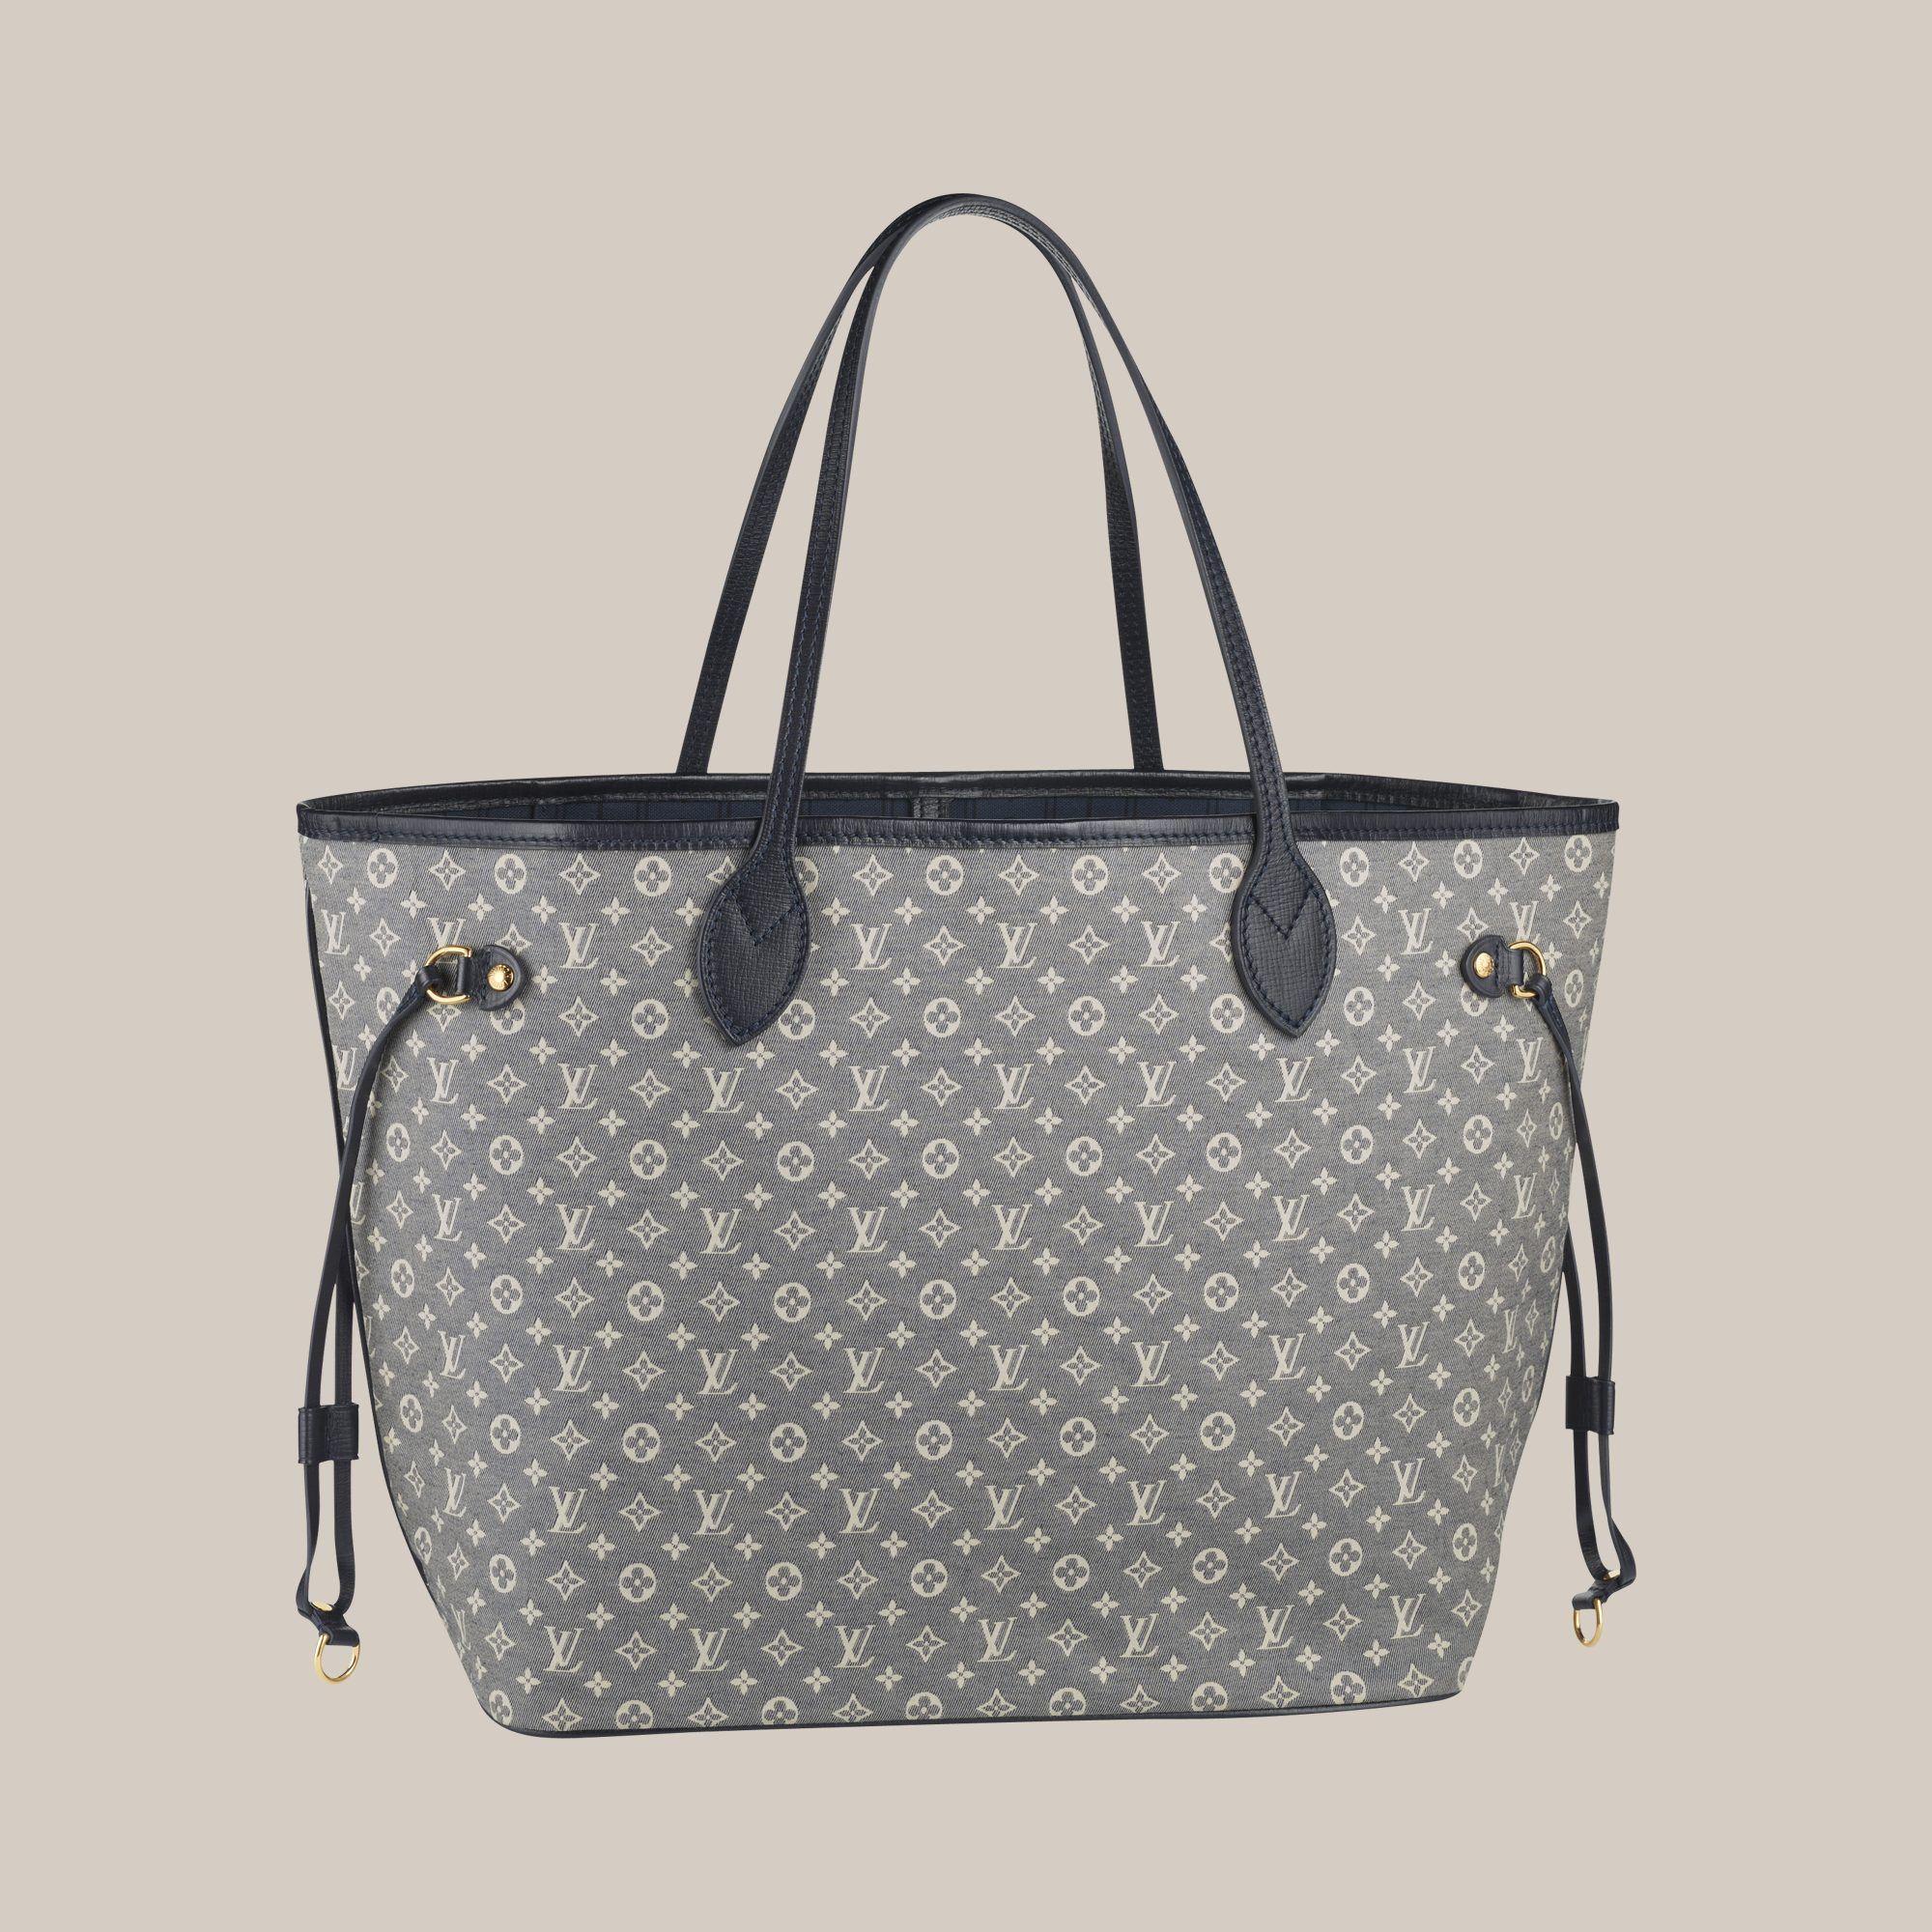 e553aa929786 Neverfull MM - Louis Vuitton - LOUISVUITTON.COM